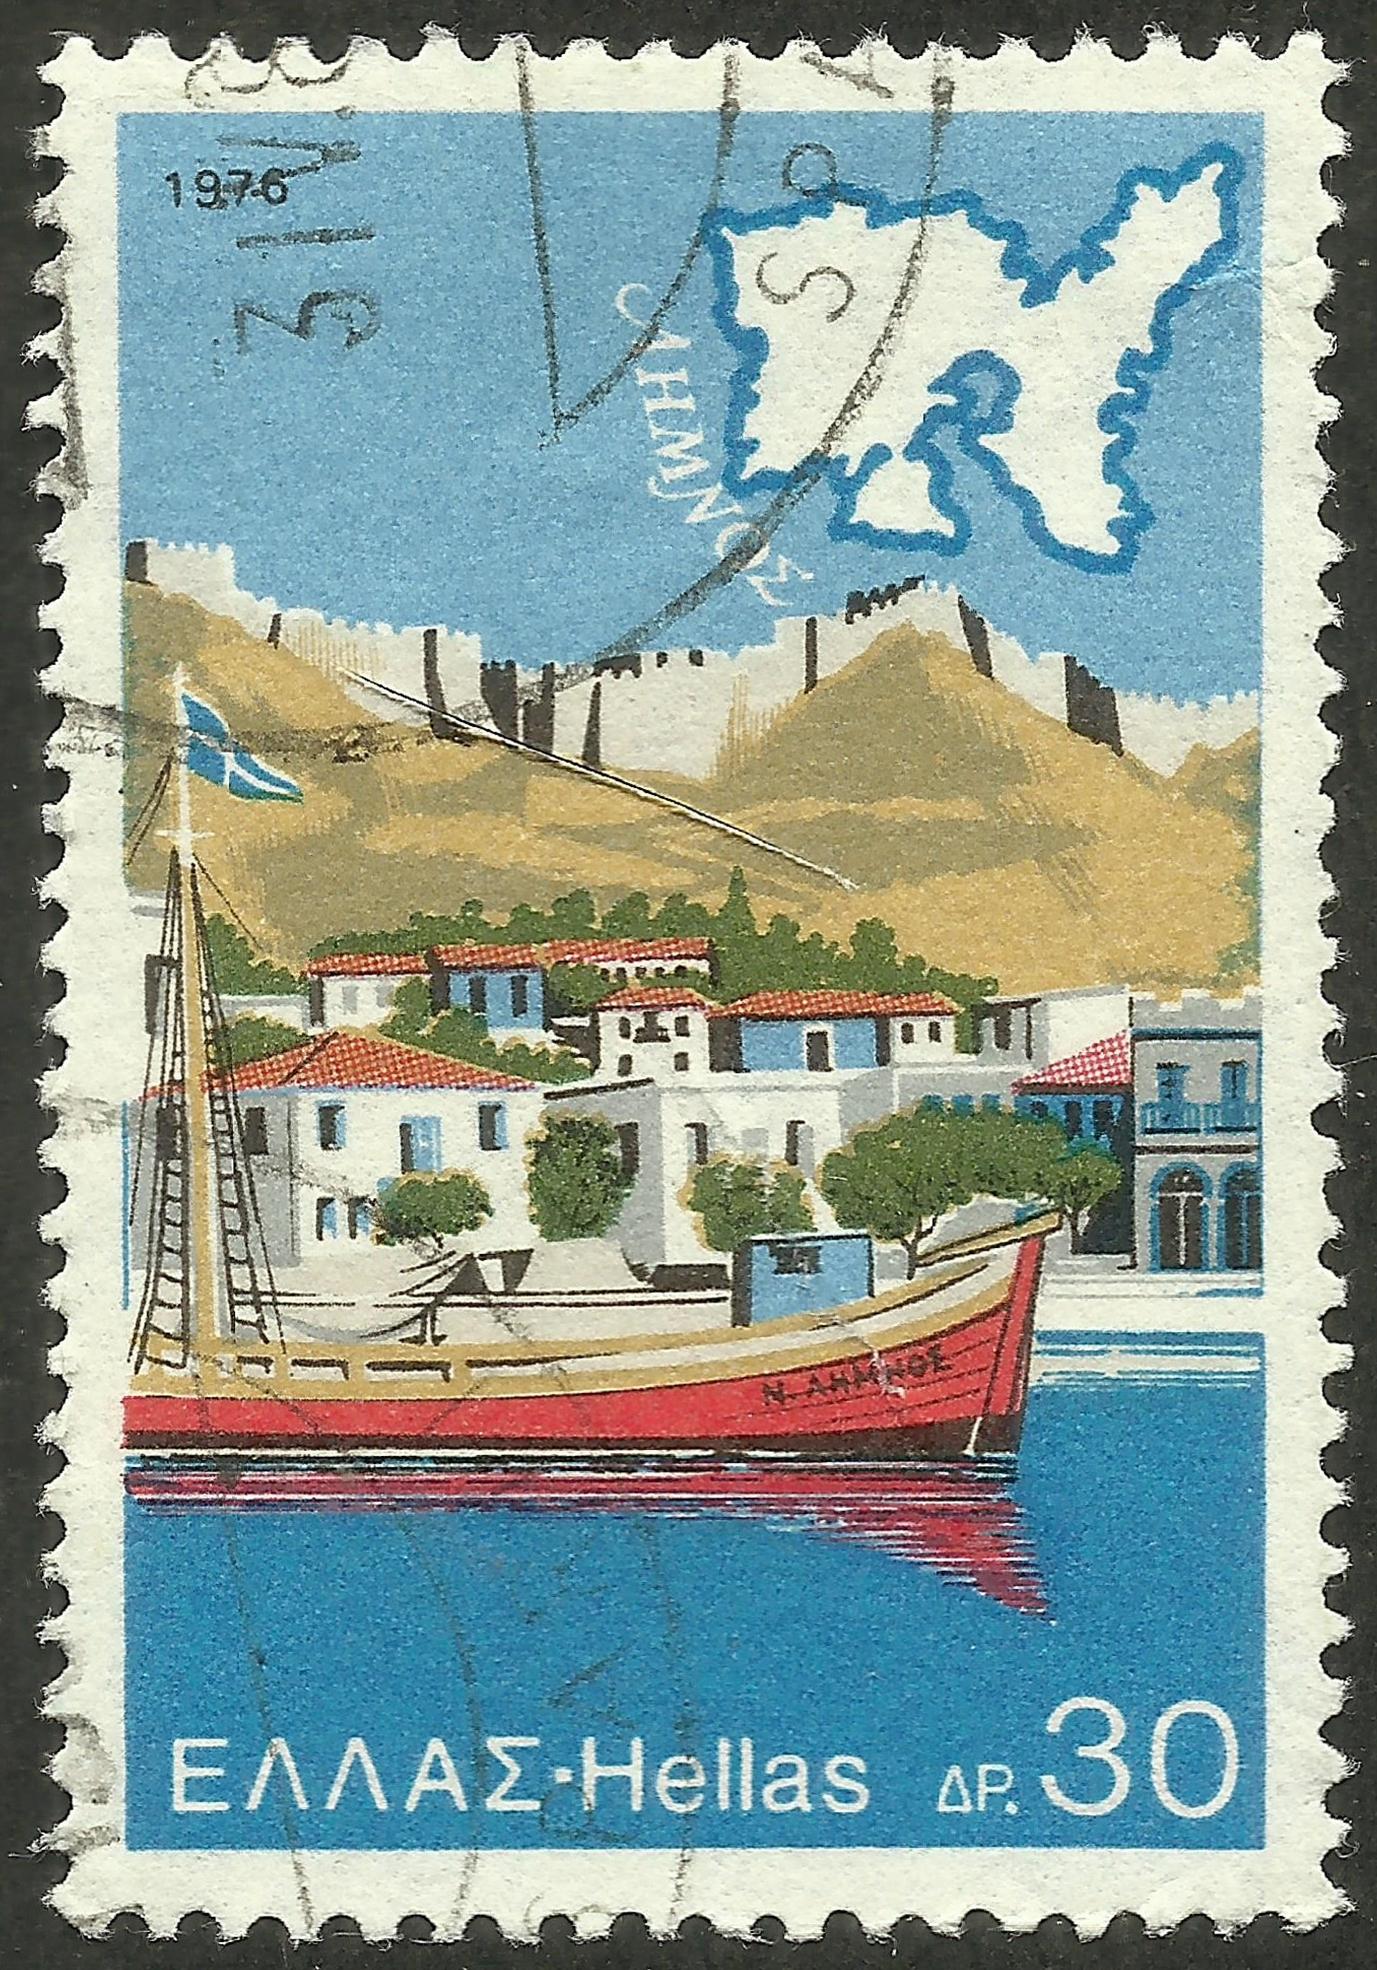 Greece - Scott #1187 (1976)